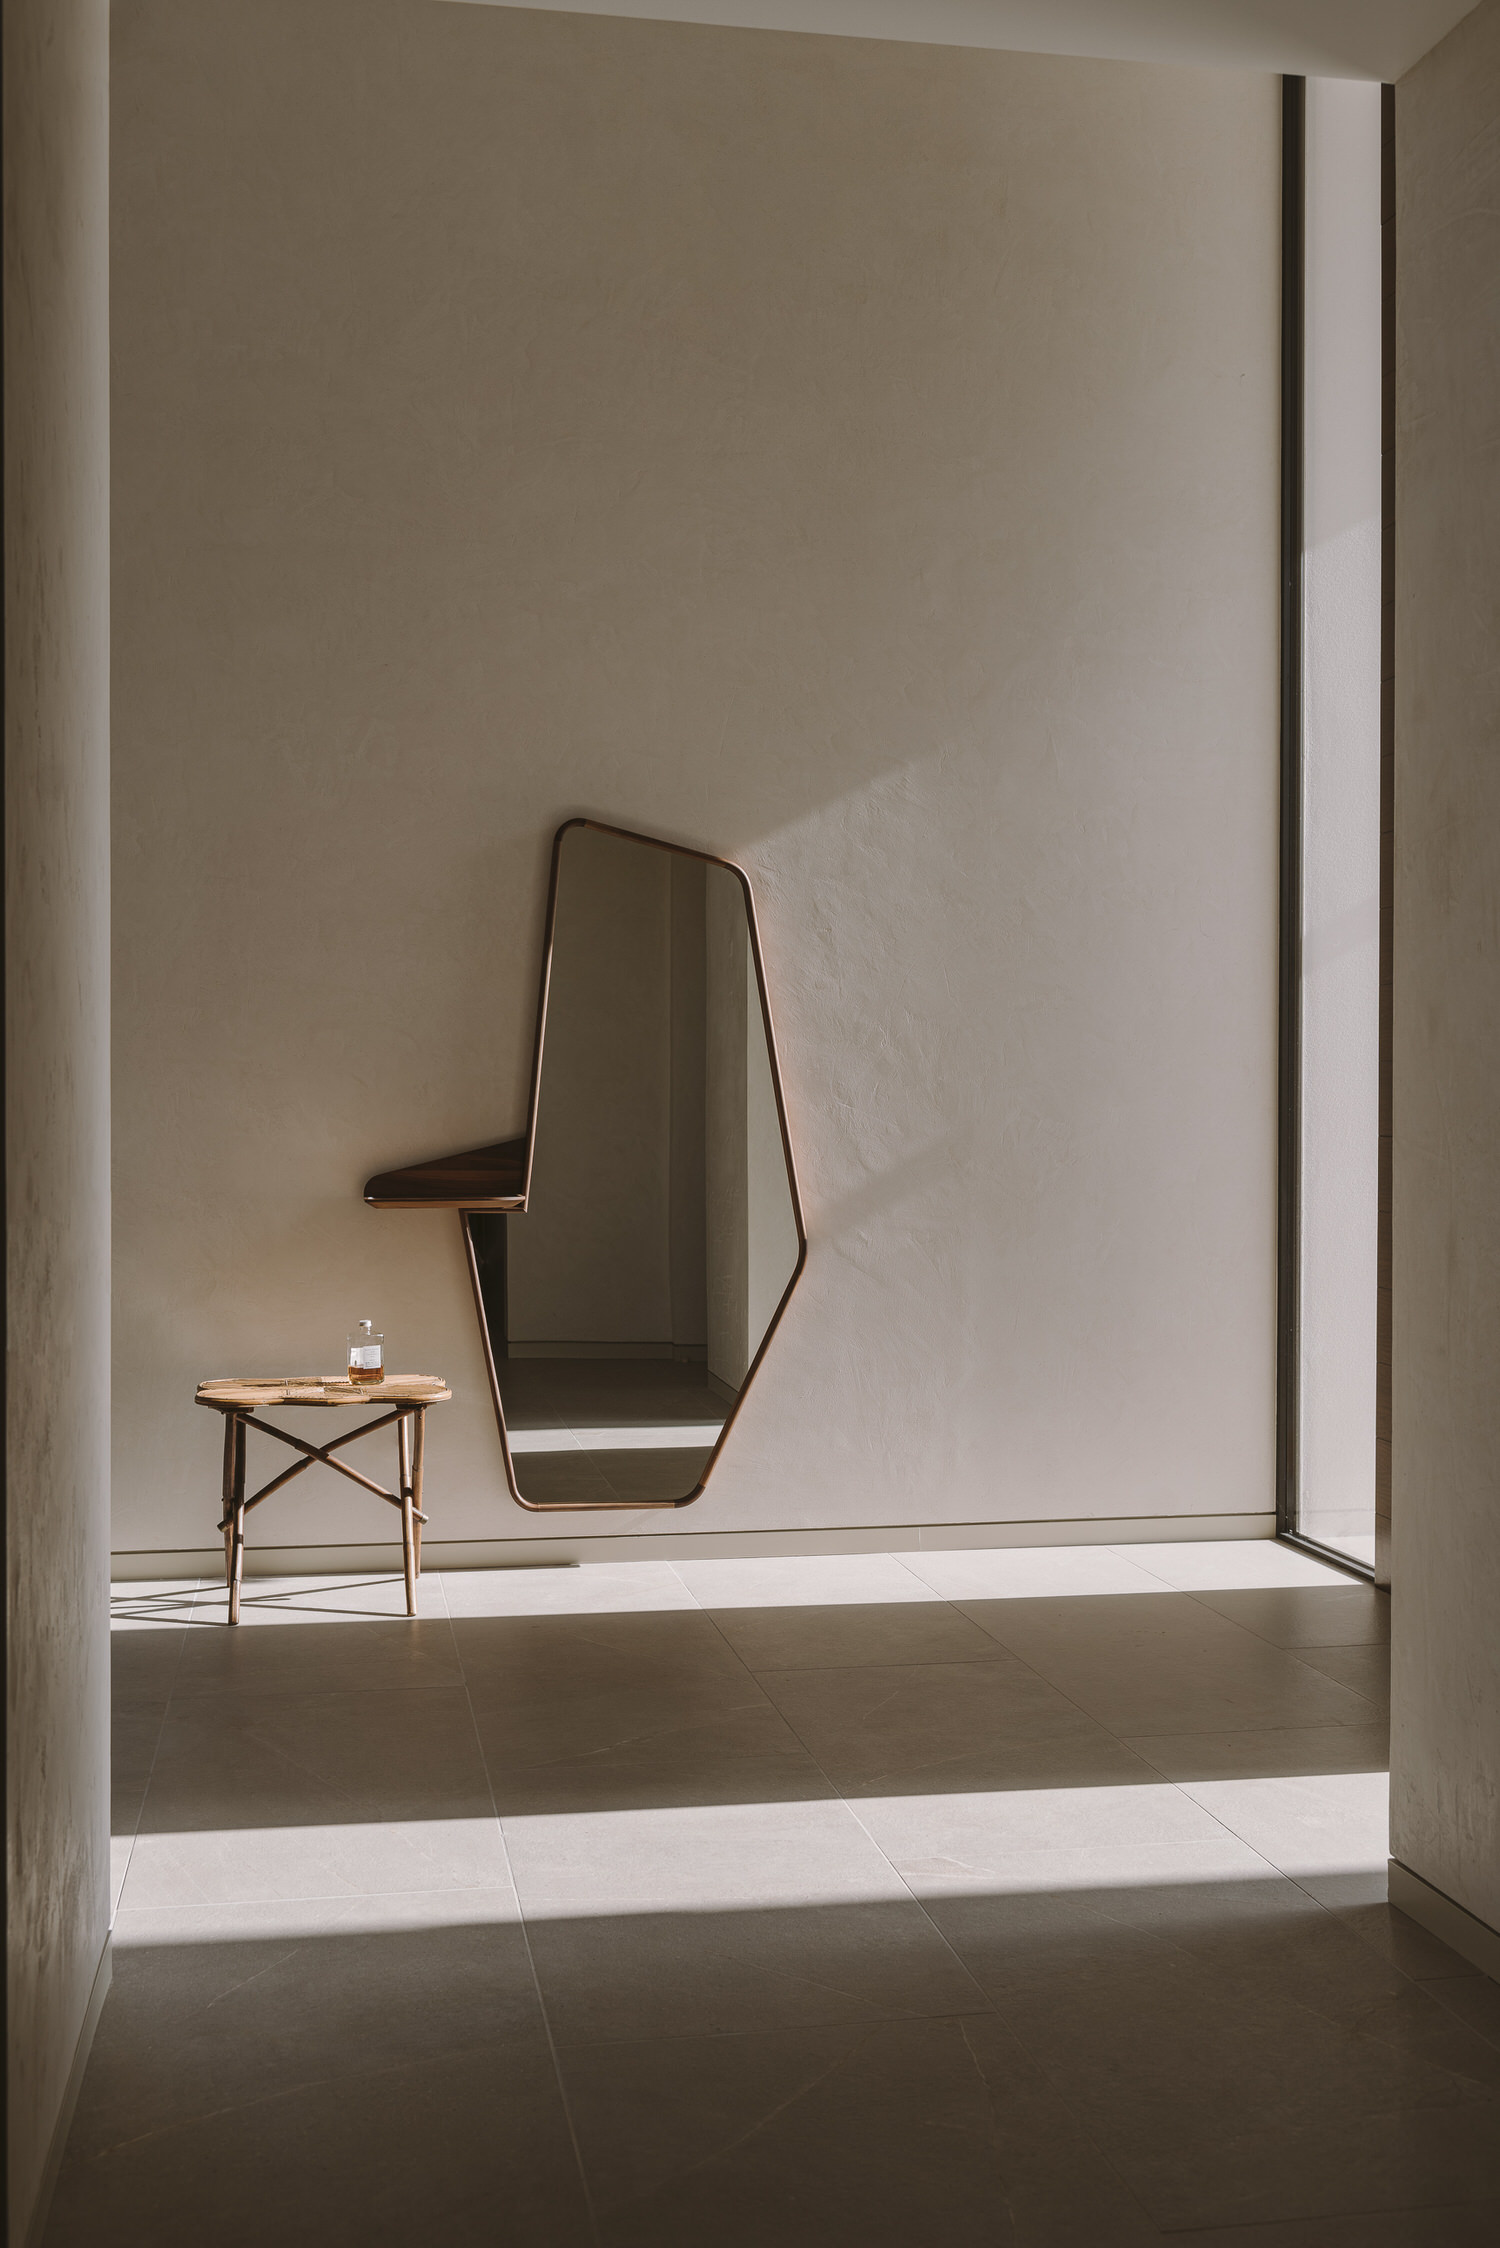 Paradowski Studio Pdm House Majorca Photo Pion Studio Yellowtrace 42